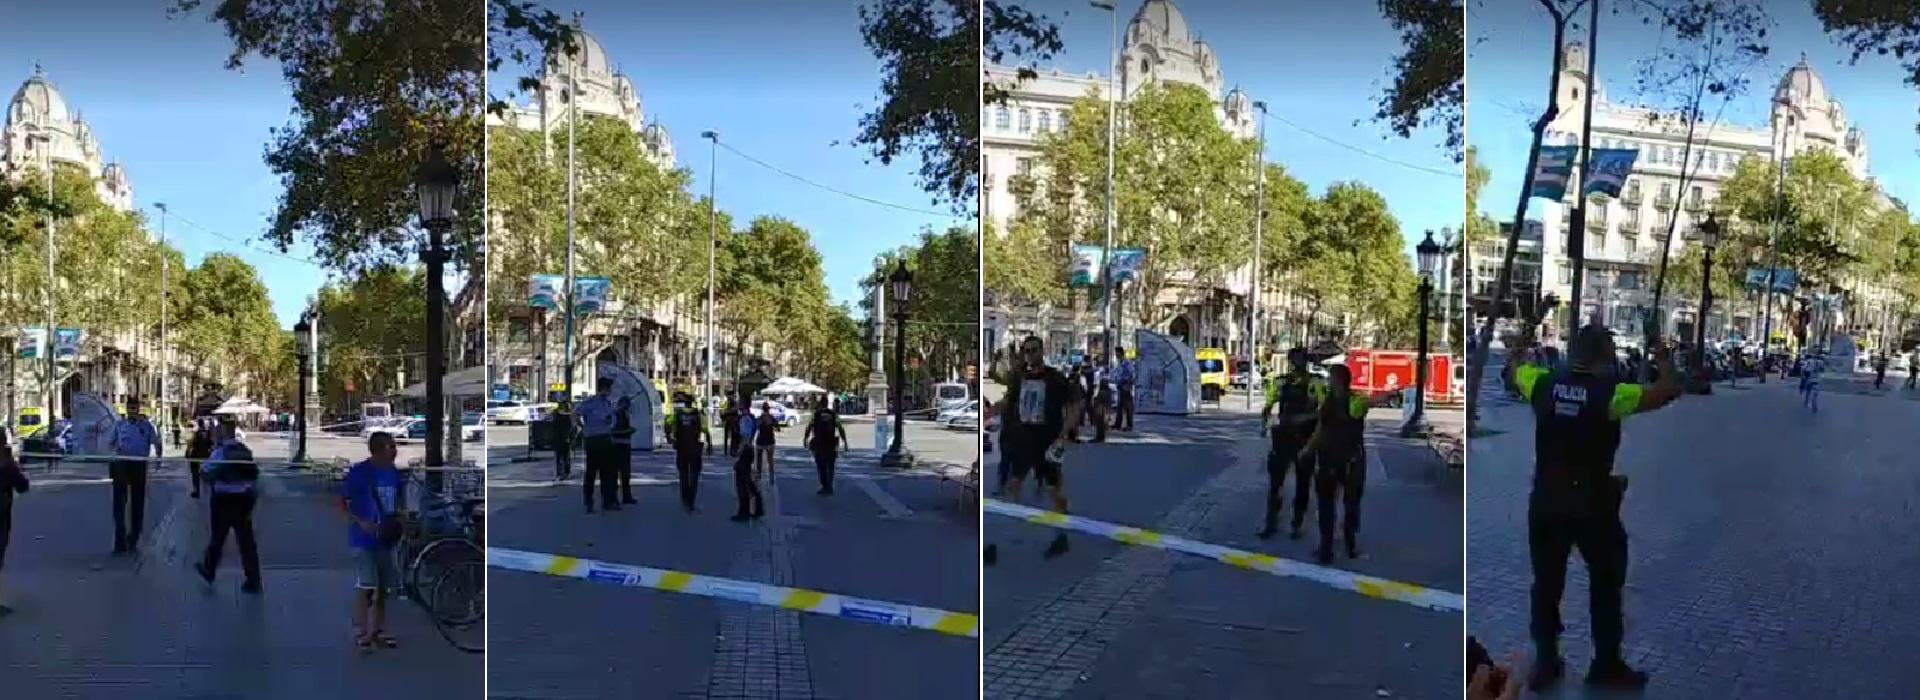 Barcelona – grupa terrorystyczna całkowicie rozbita